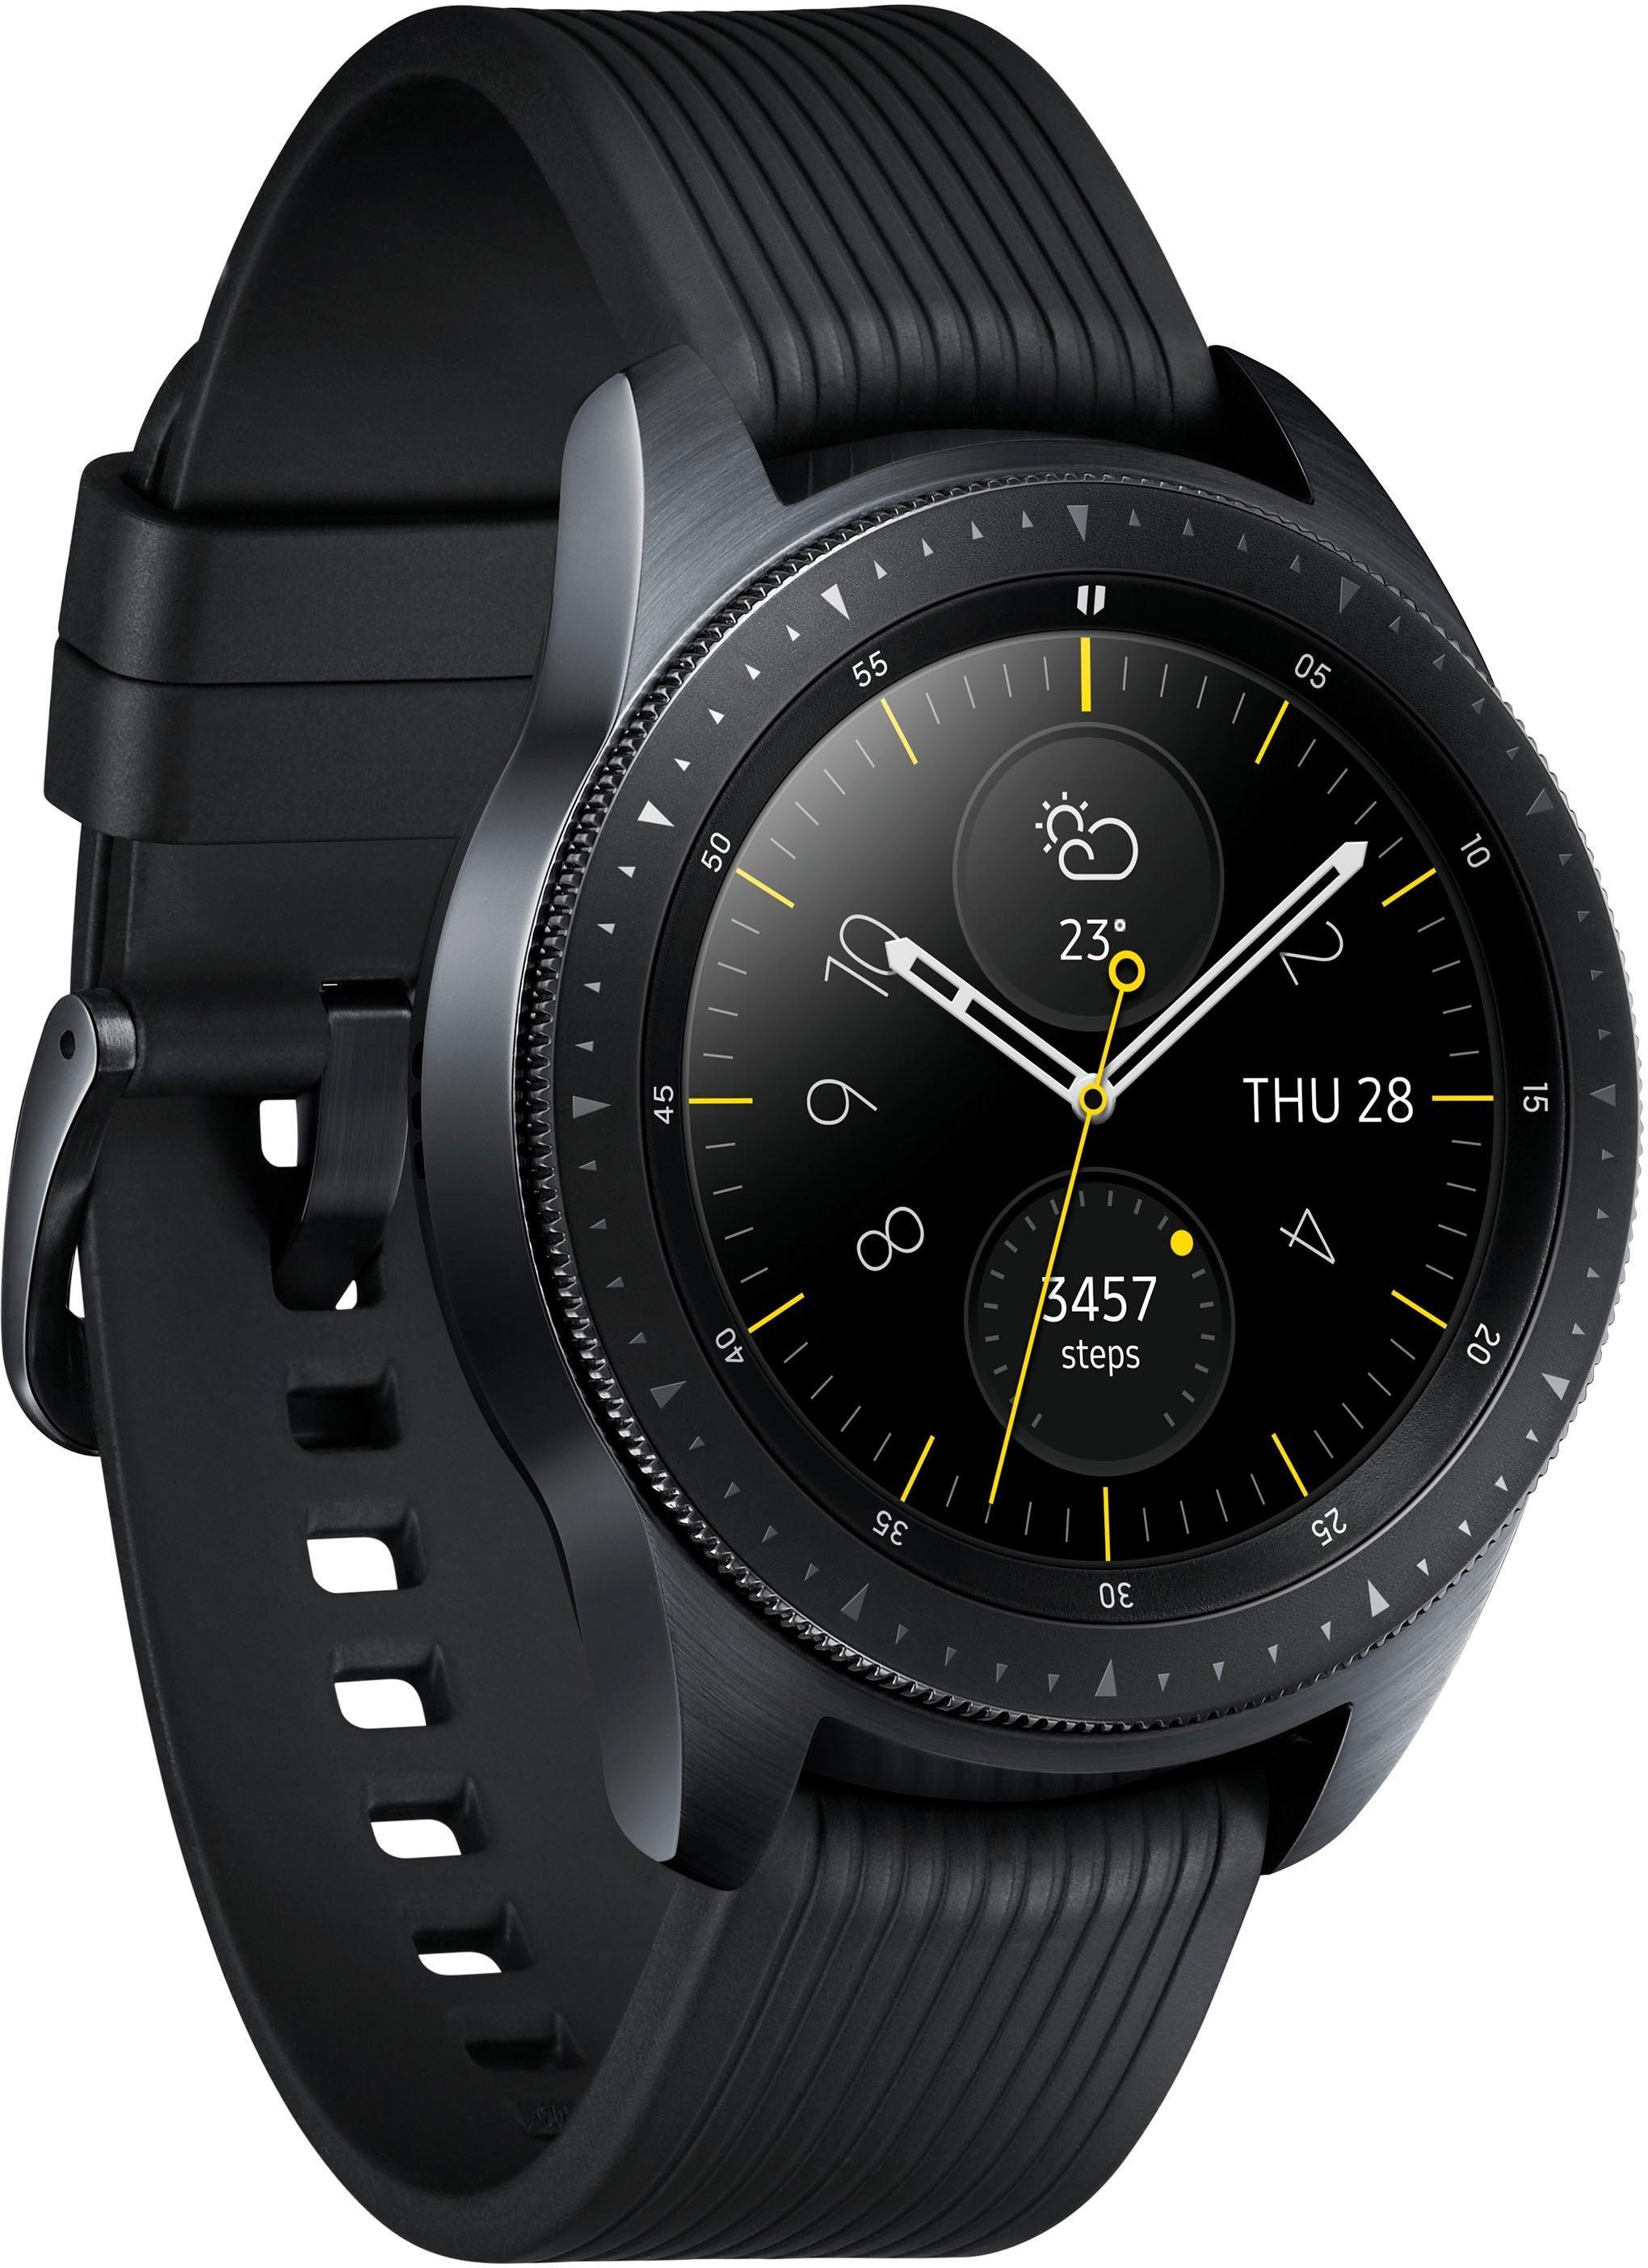 Galaxy Watch - LTE - 42mm Smartwatch (3,05 cm/1,2 Zoll, Tizen OS)